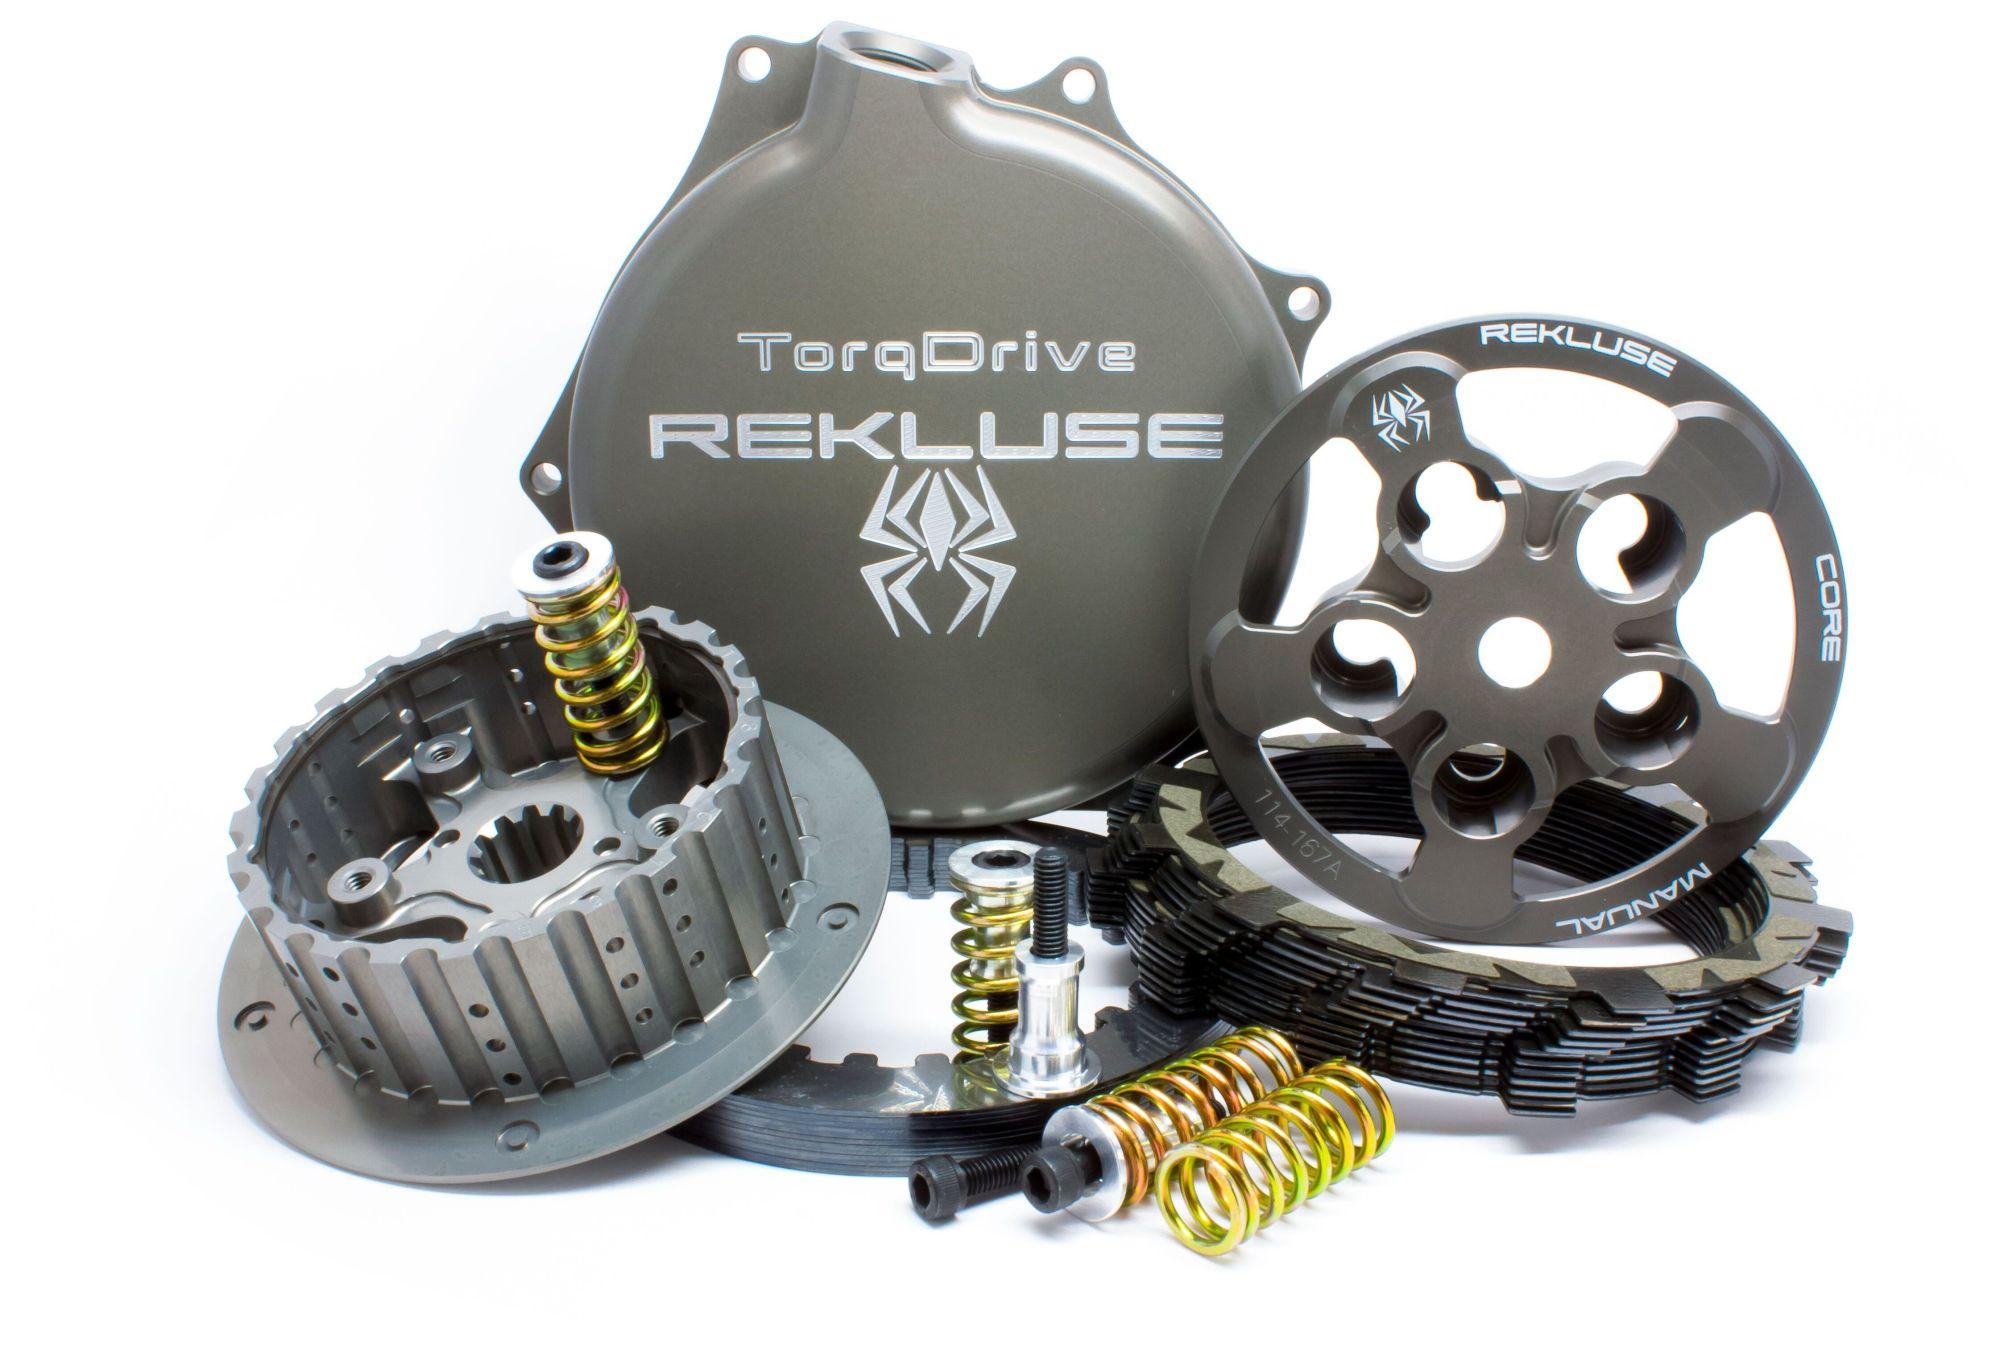 hight resolution of rekluse core manual torq drive clutch kit suzuki rmz 250 2007 2018 revzilla